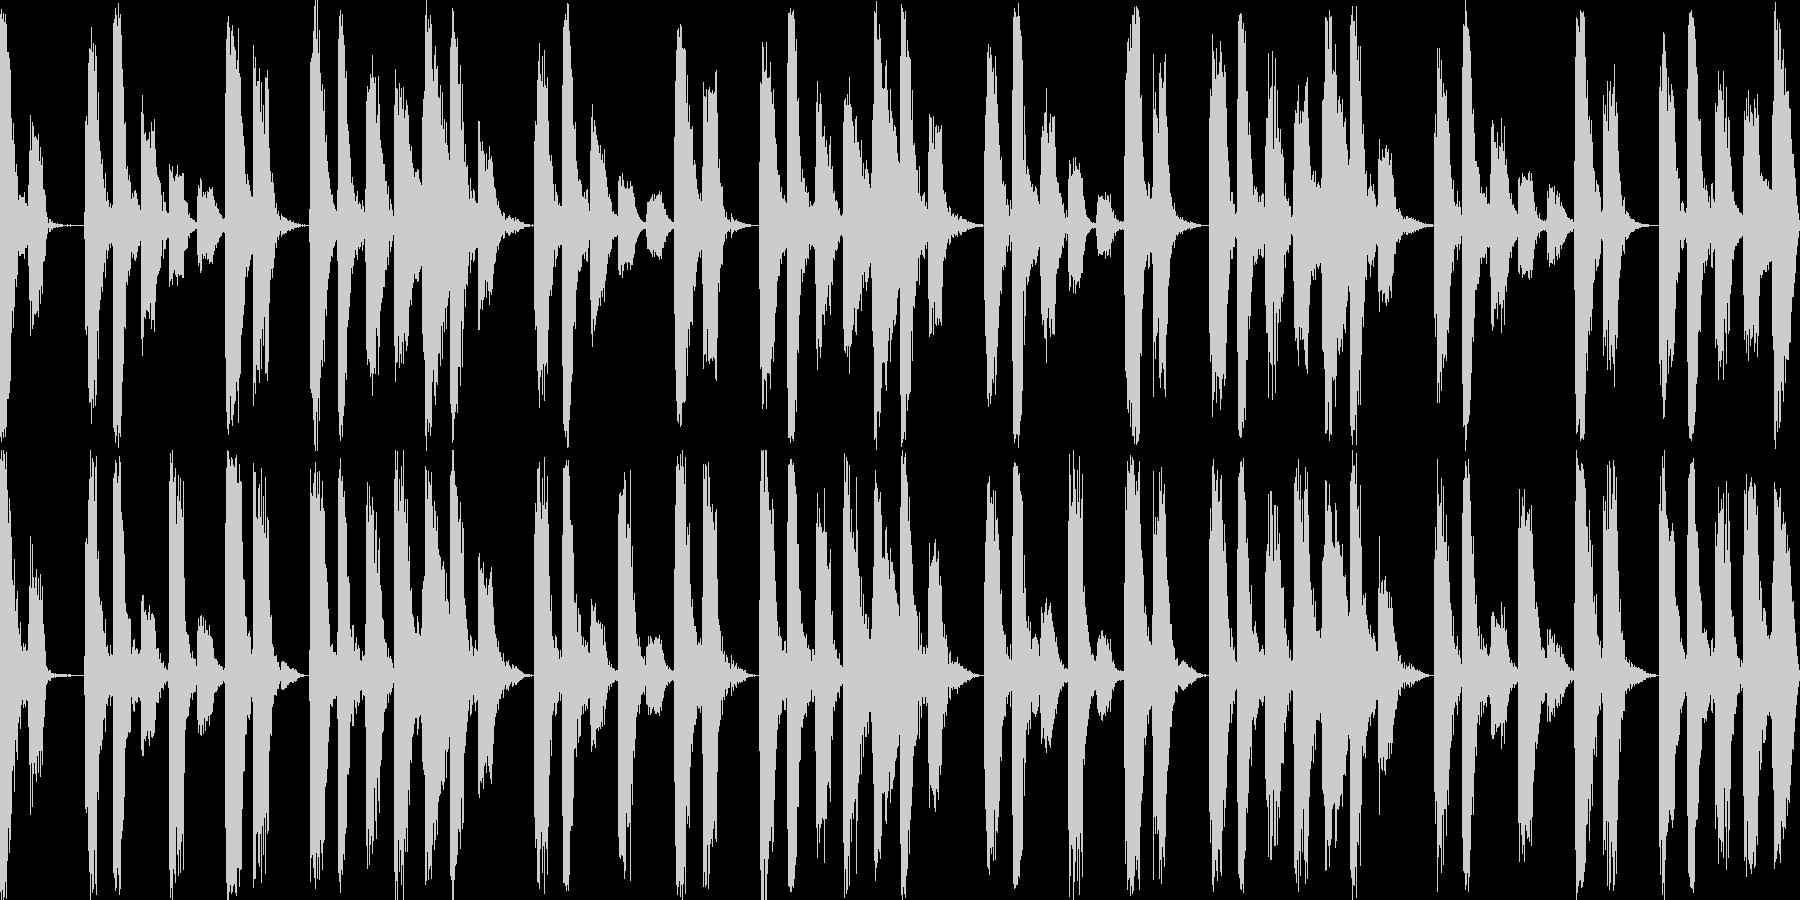 パズルゲーム向け待機画面BGM(ループ)の未再生の波形